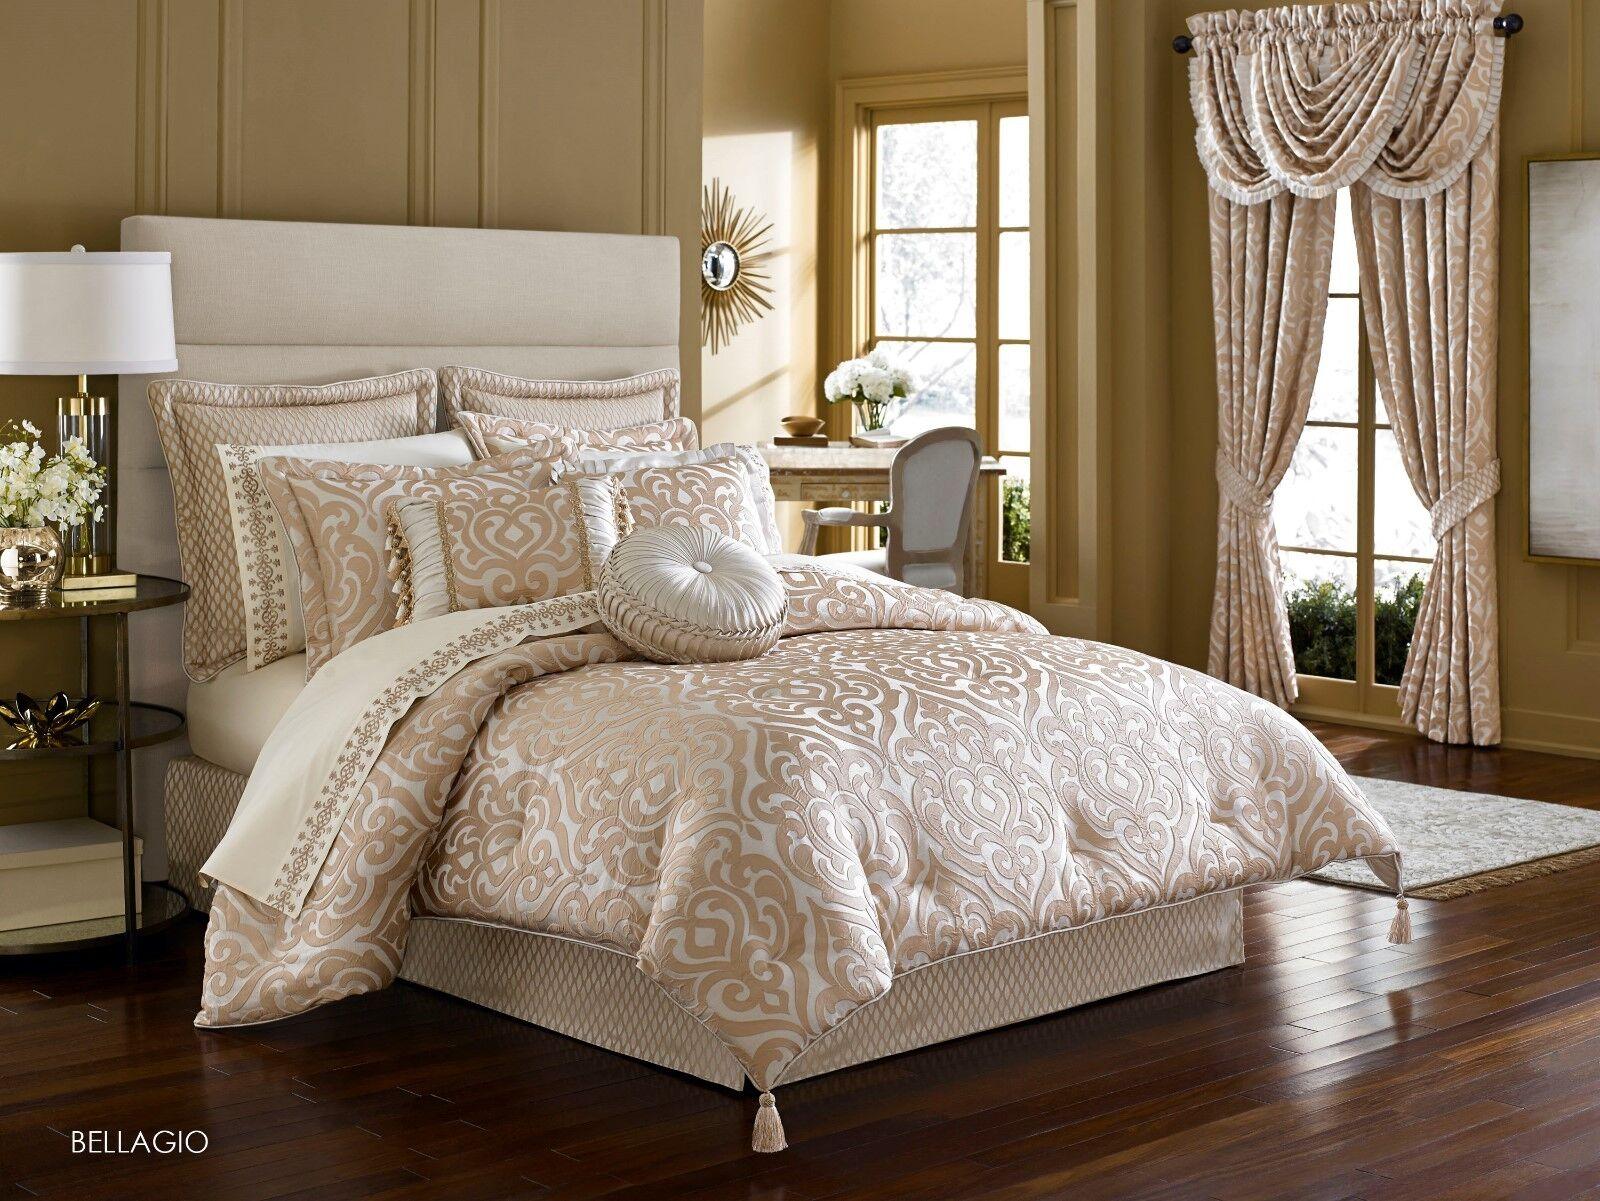 J. Queen New York Bellagio Pearl Queen 4 Pc Comforter Set